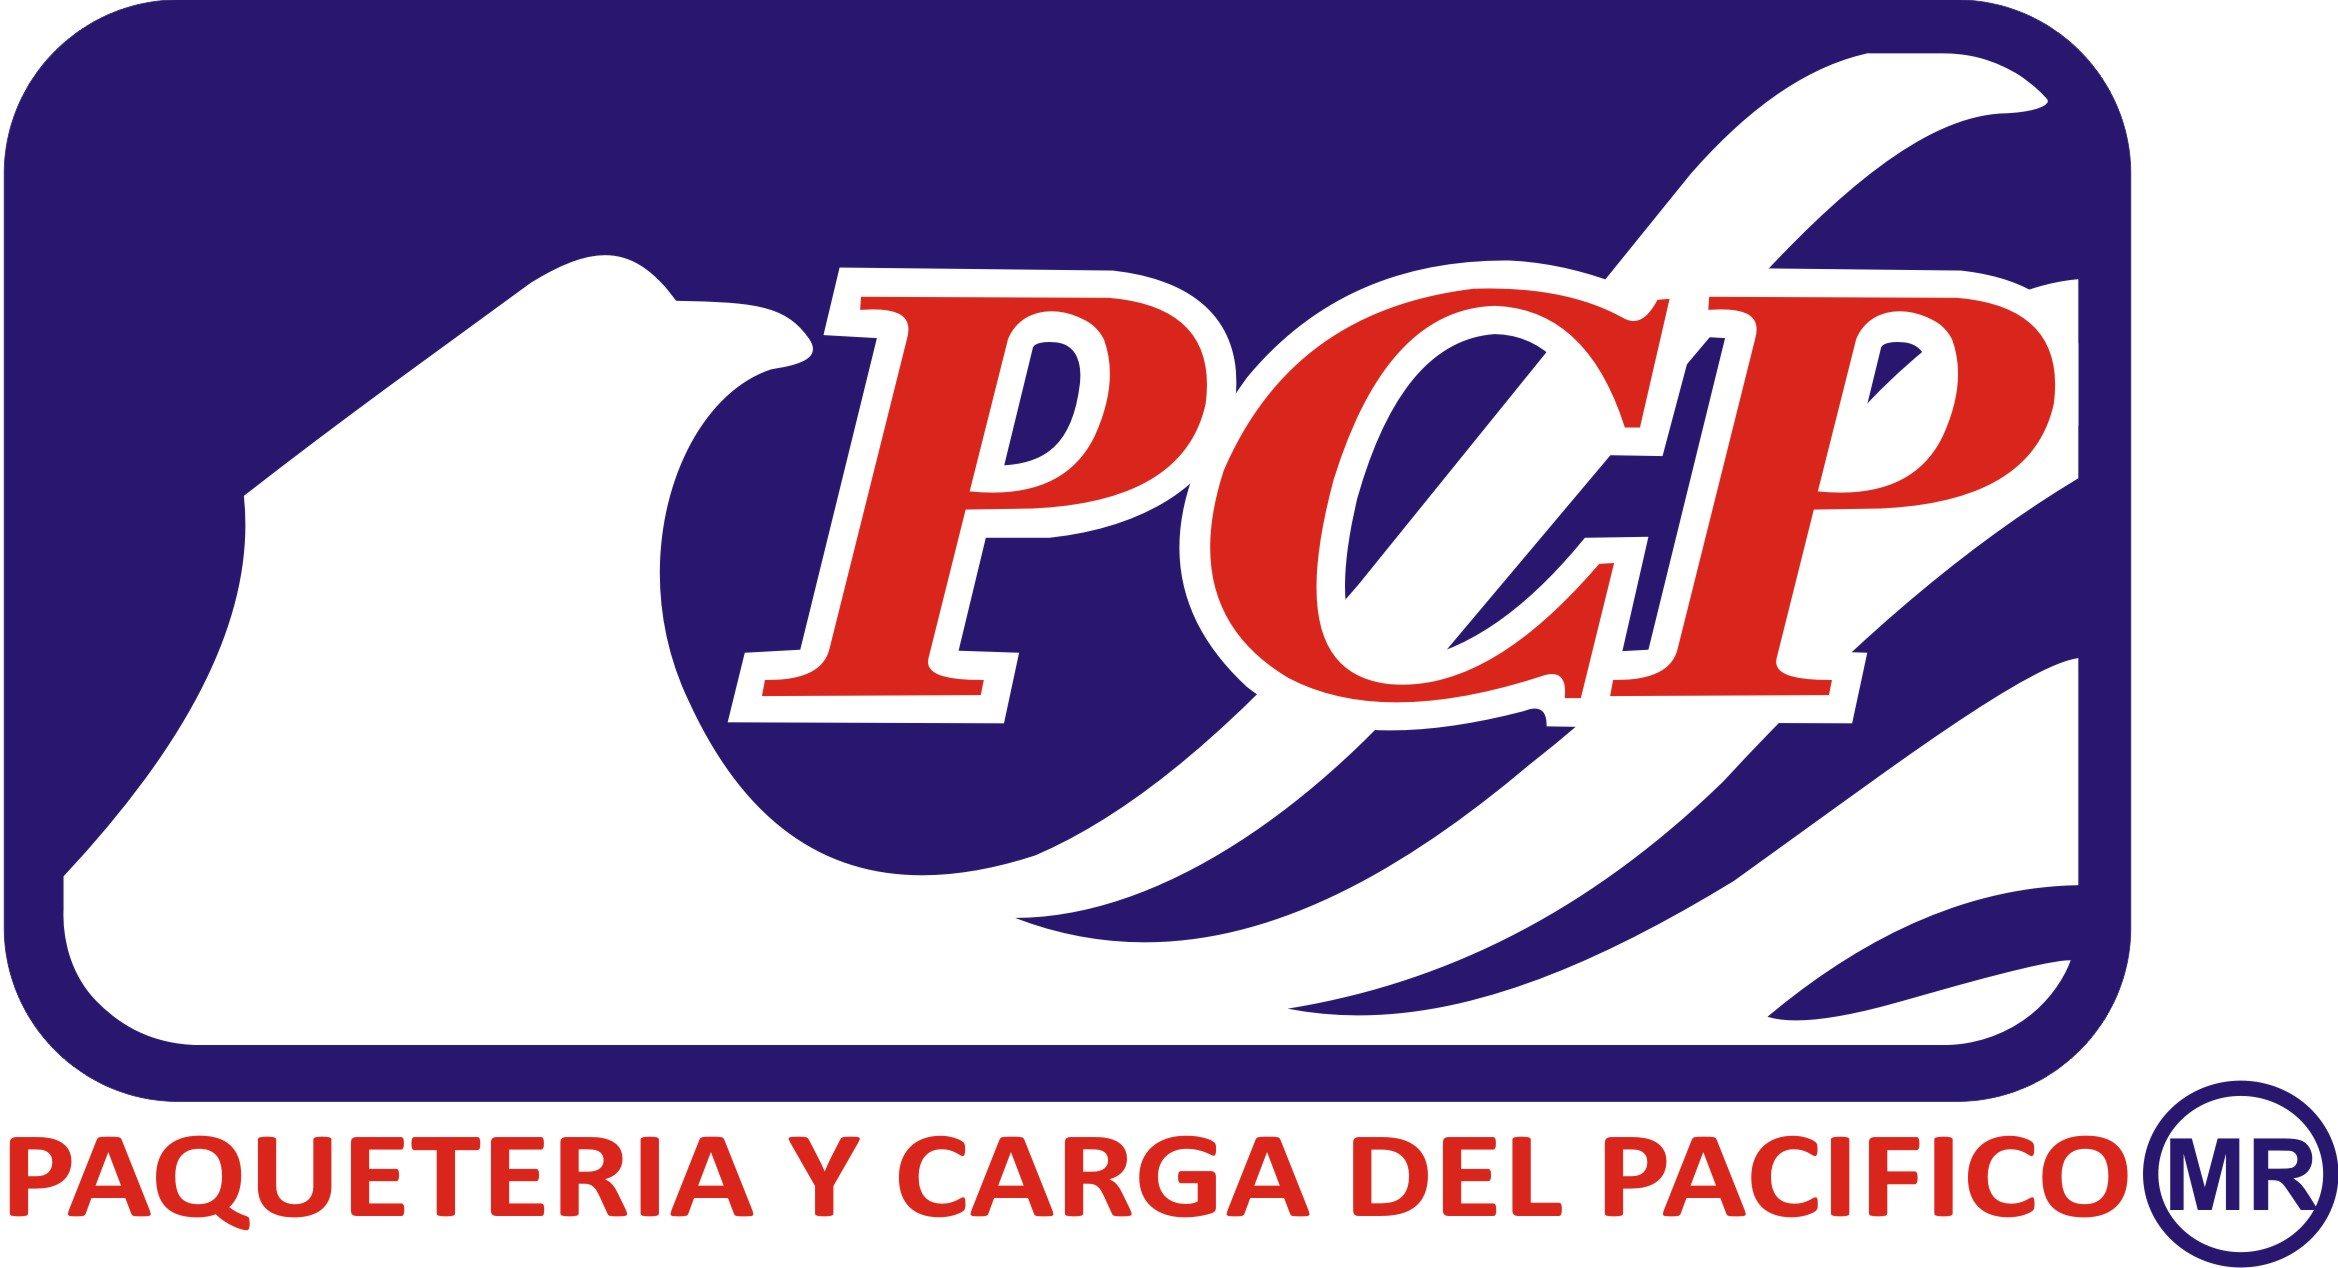 COORDINADORA DE PAQUETERIA Y CARGA S.A DE C.V.